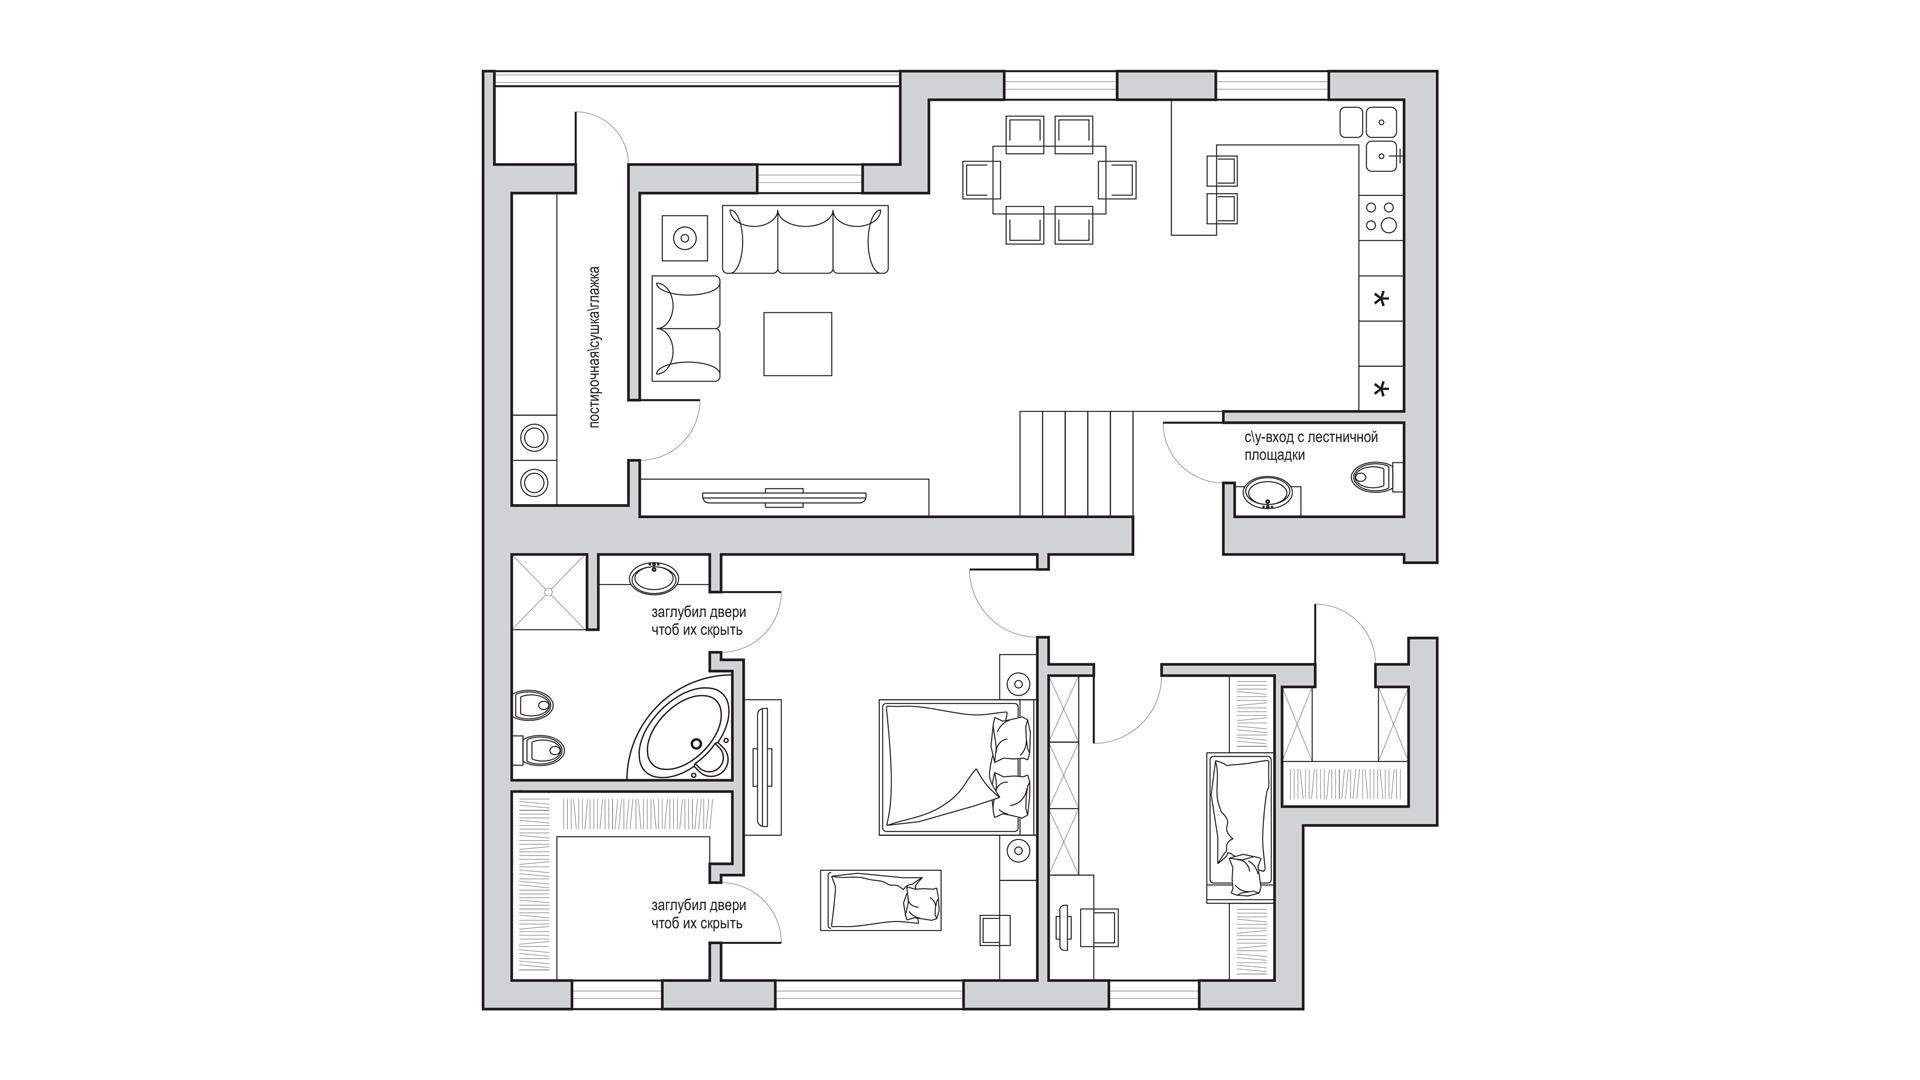 Планировка мебели в дизайн-проекте